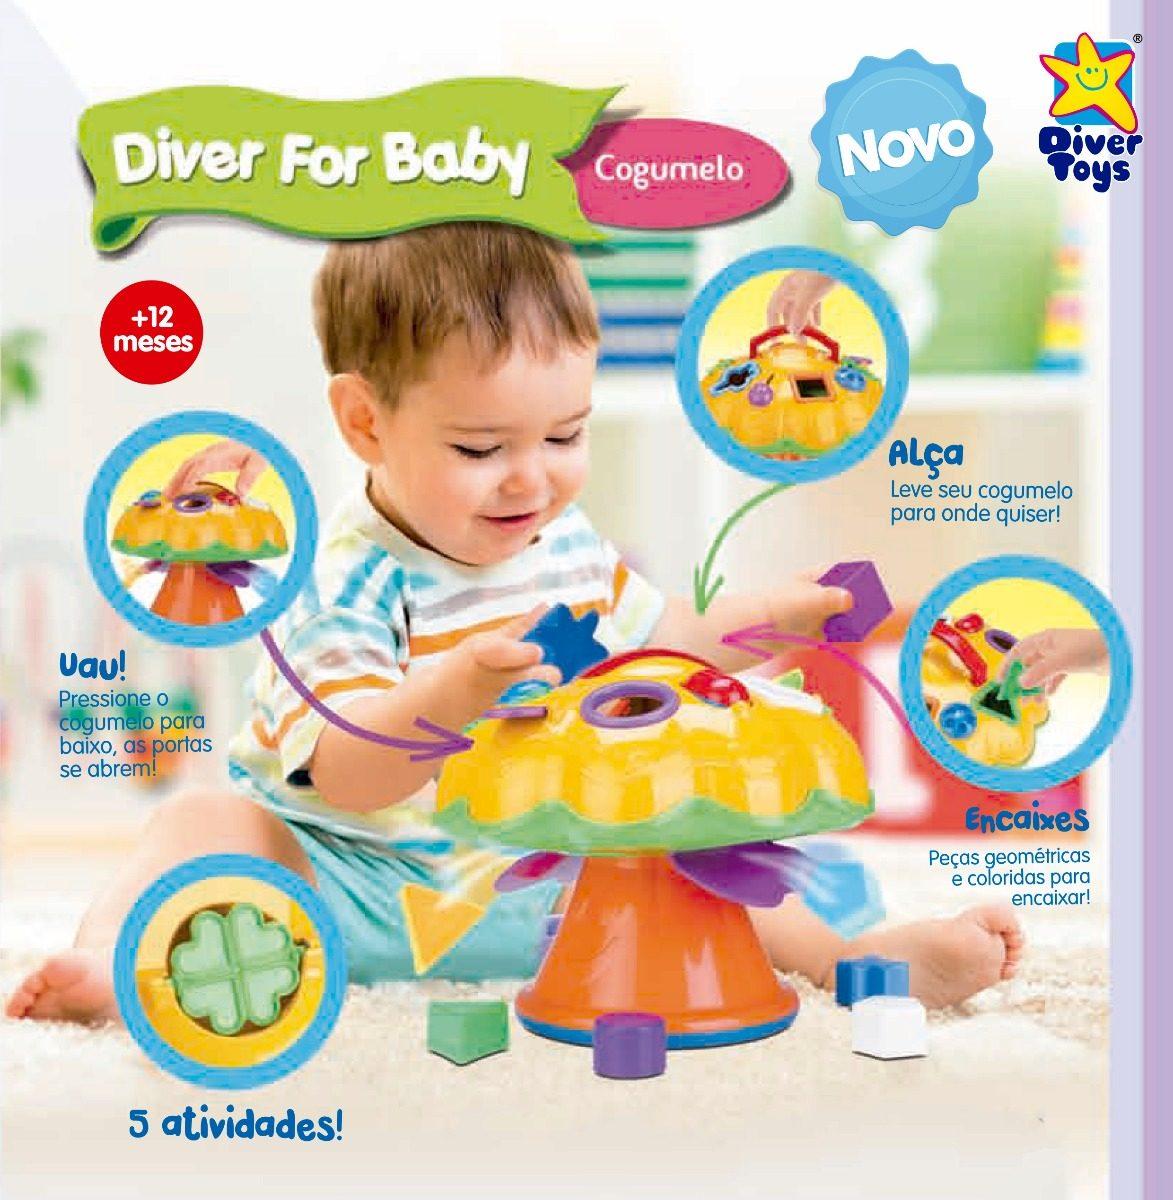 COGUMELO DIVER FOR BABY PEDAGÓGICO 697 DIVERTOYS